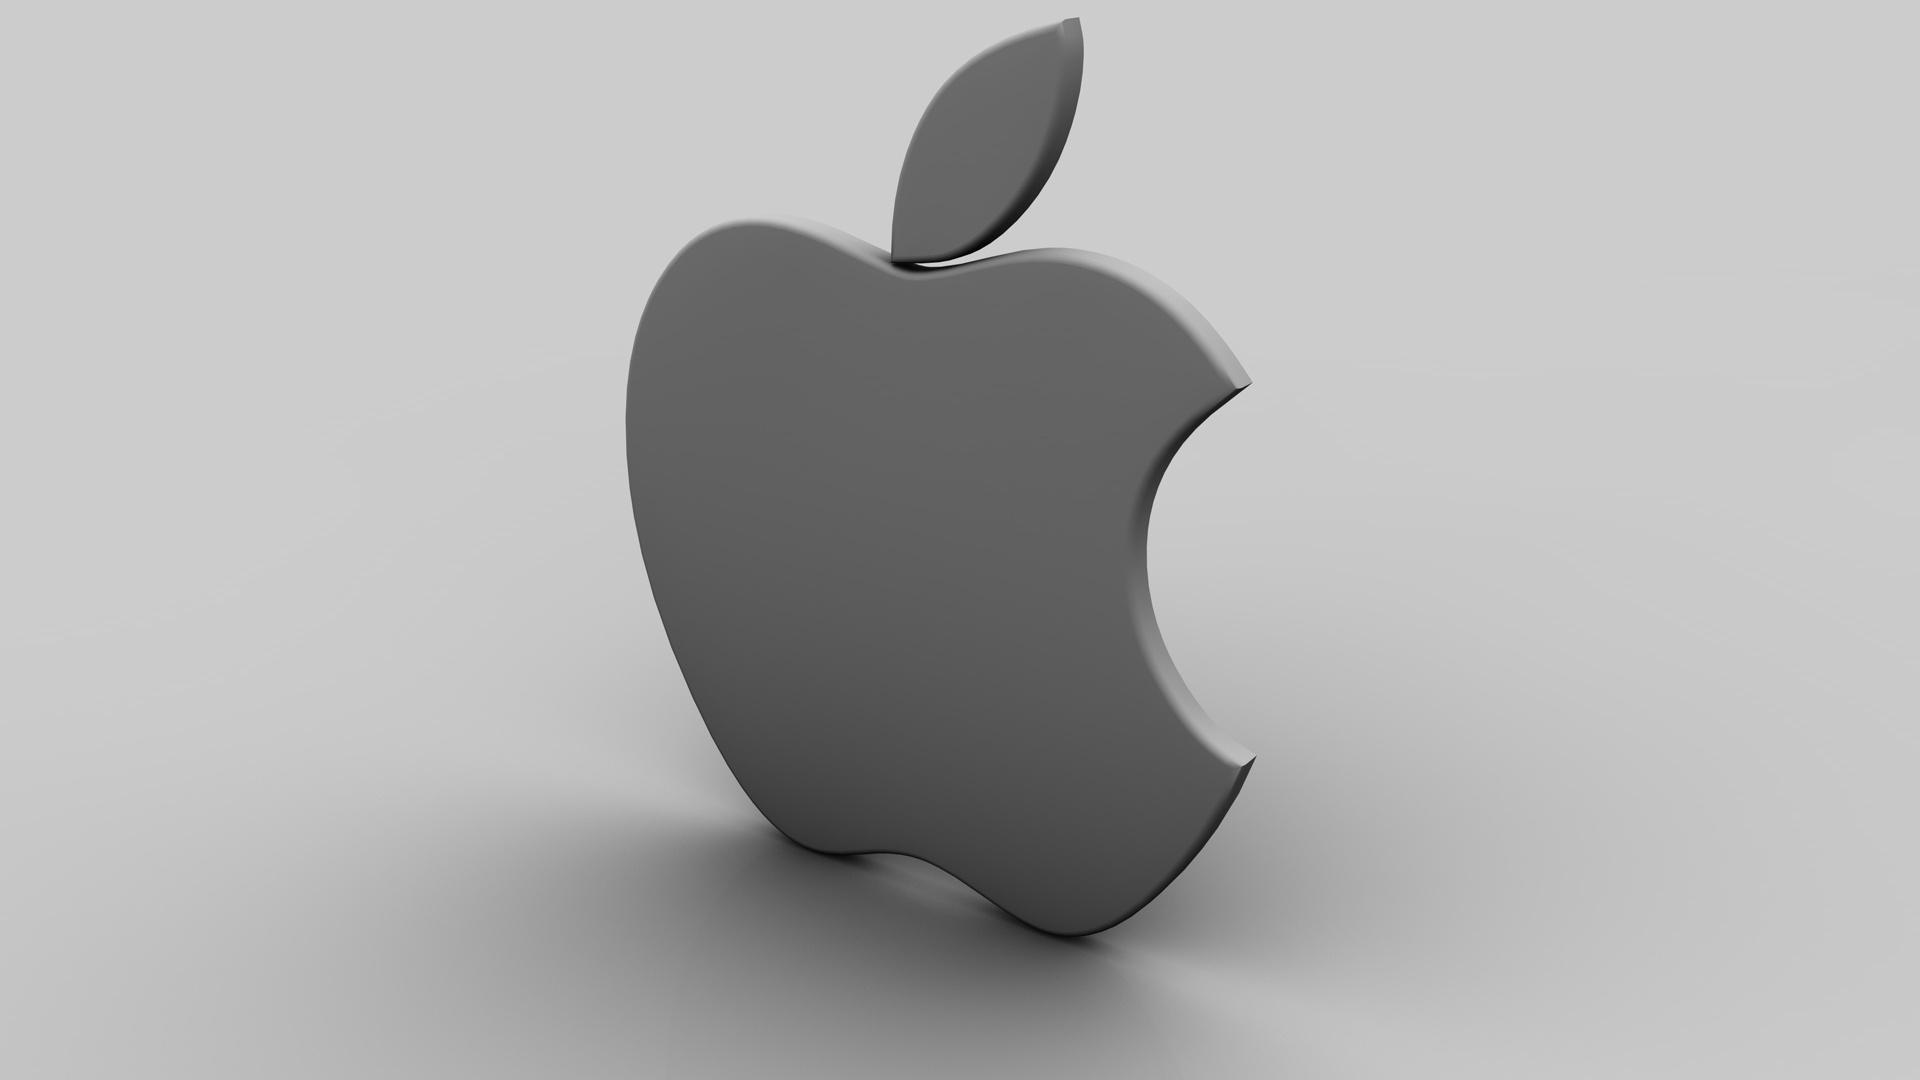 Apple Şirketine 13 Milyon Dolarlık Ceza